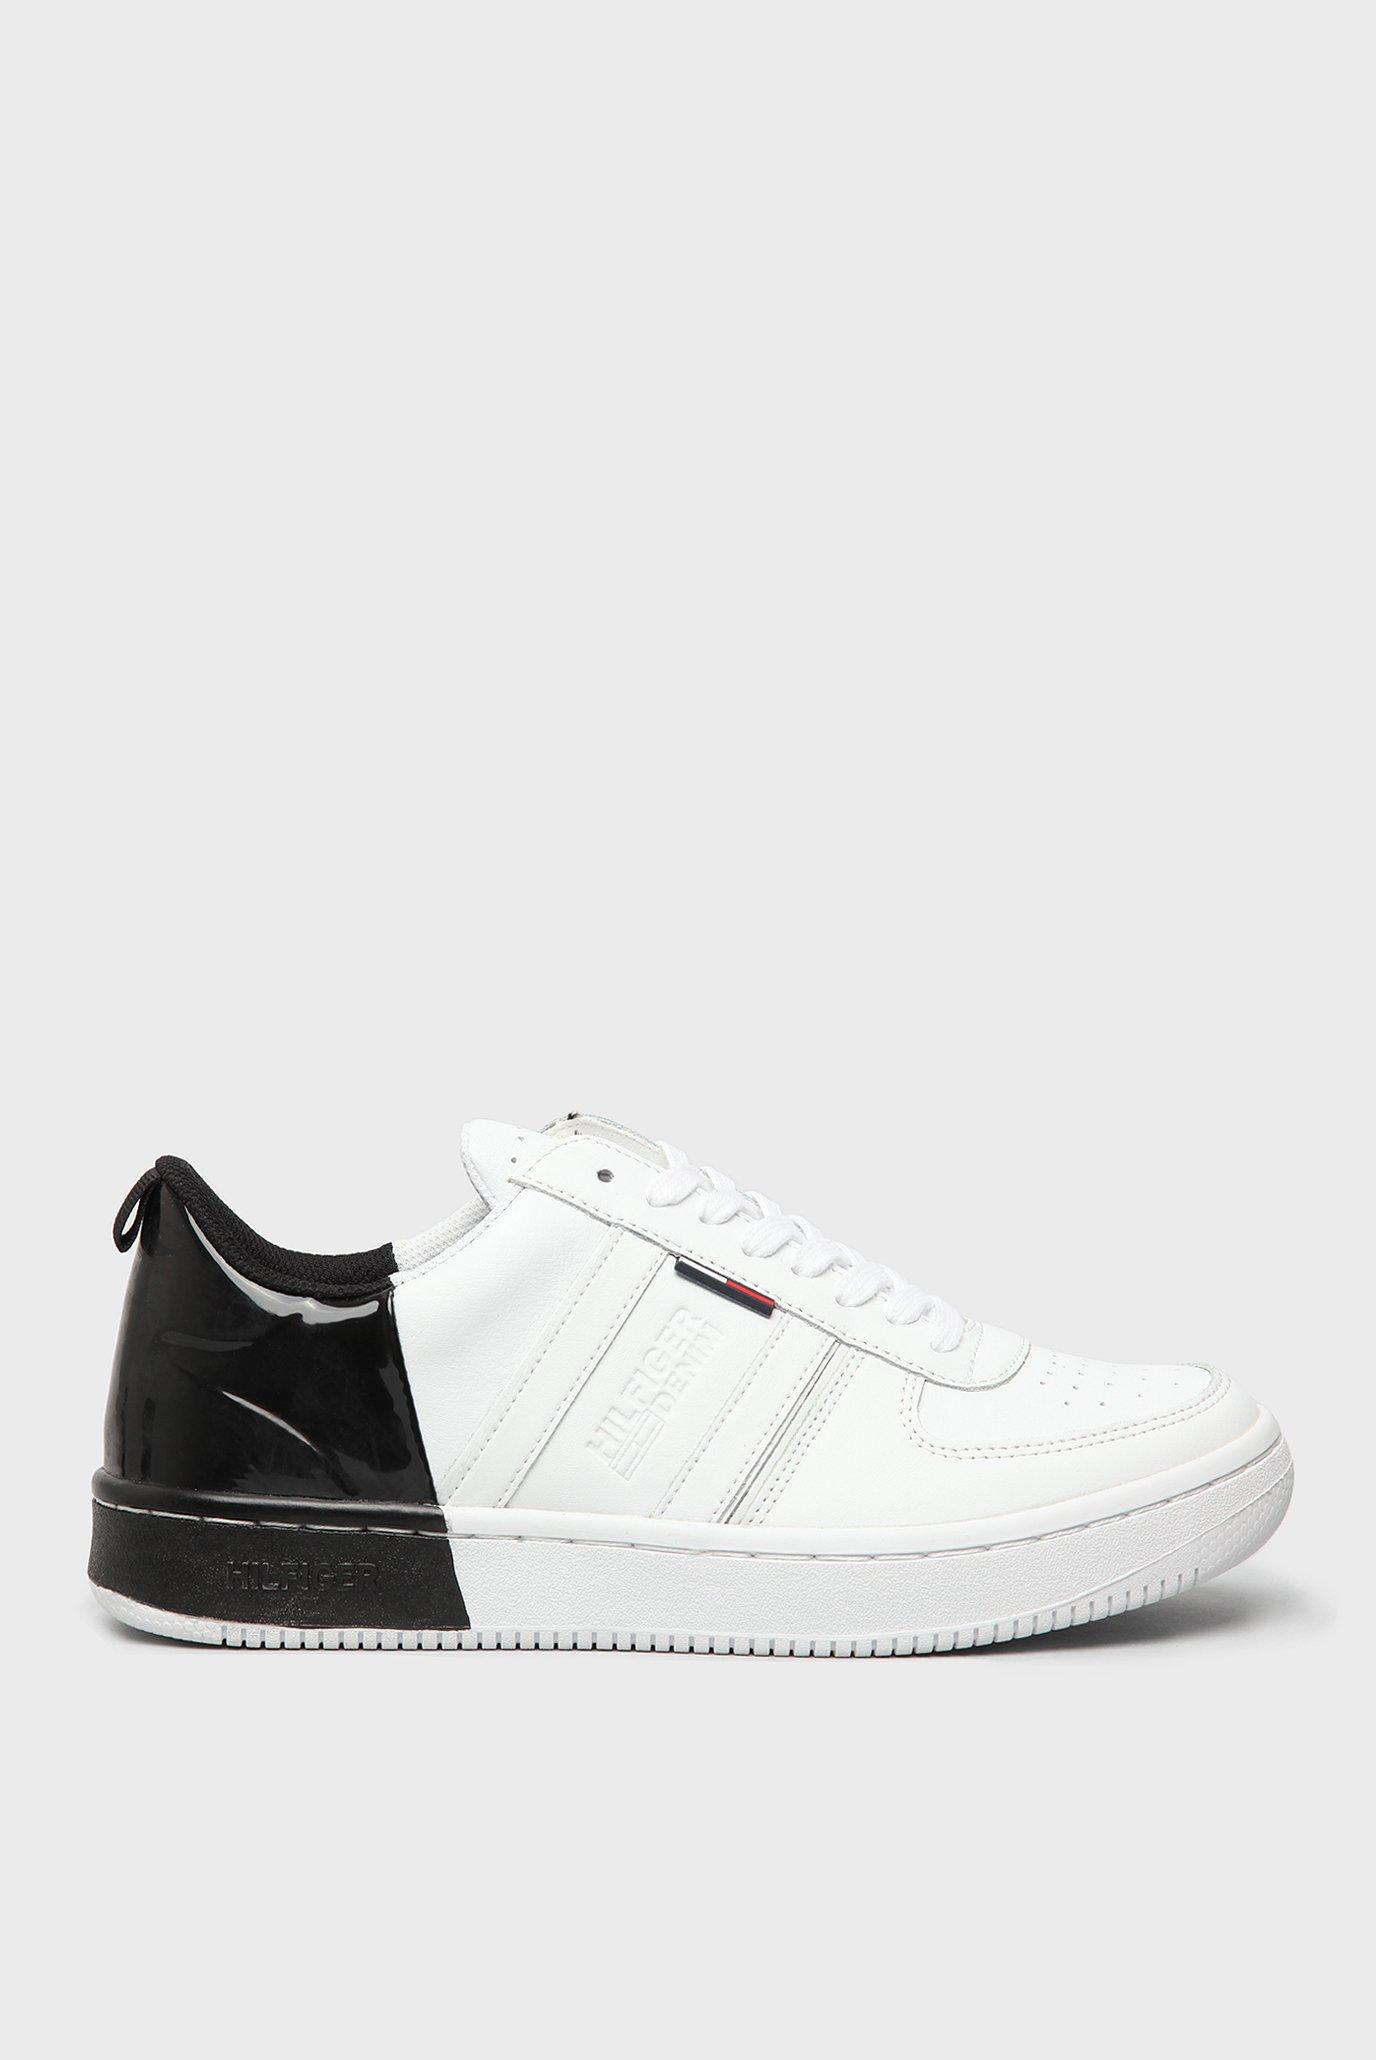 Купить Мужские белые кожаные кроссовки Tommy Hilfiger Tommy Hilfiger  FM0FM00461 – Киев ce1a1914e99cb